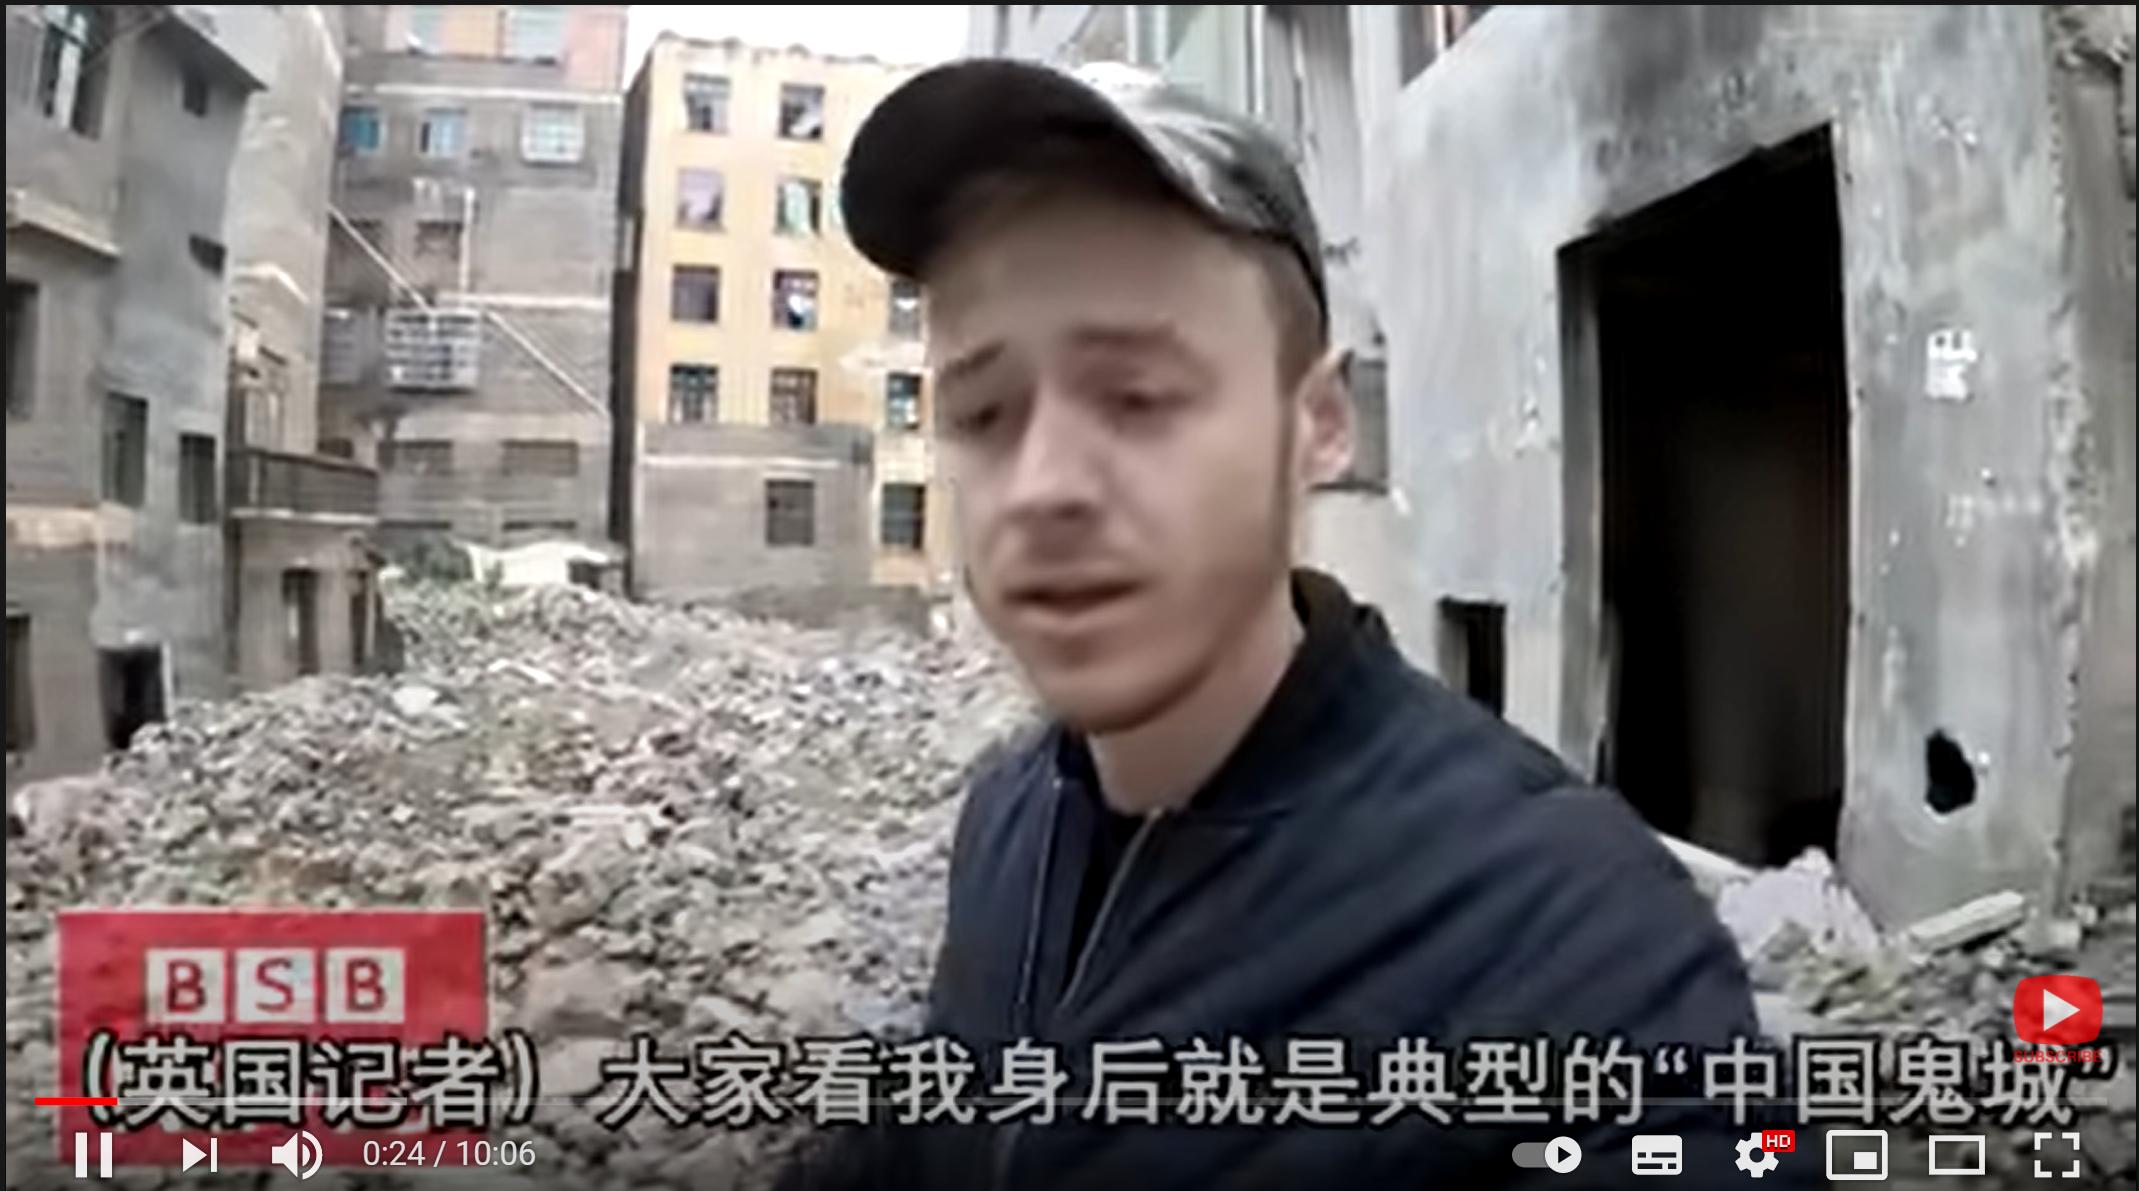 为中国辩护的外国视频博主:如果你的视频内容得到中国认可,他们转发有什么问题?